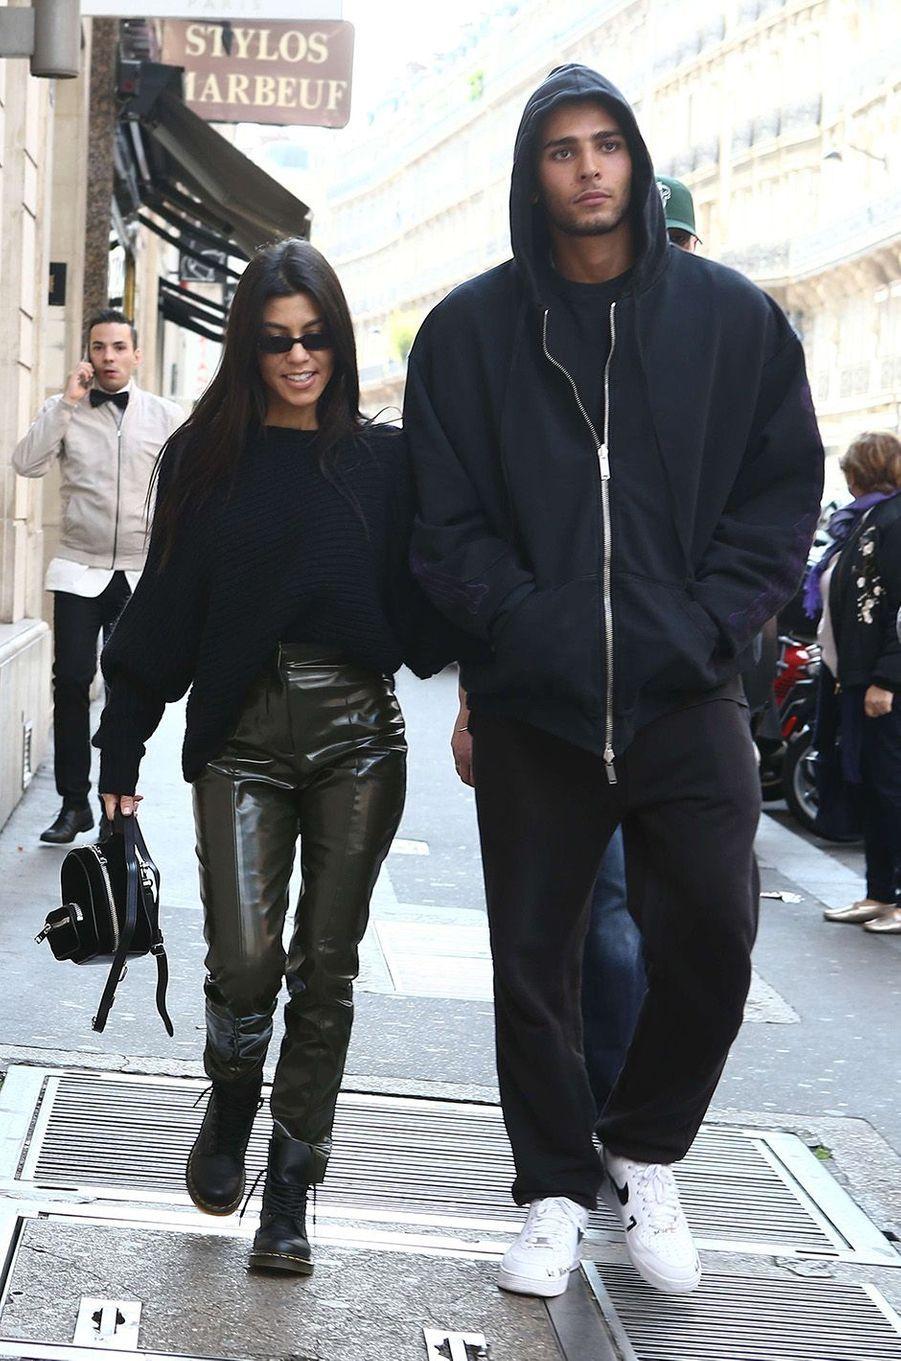 Séance shopping en plein coeur de Paris pour Kourtney Kardashian et Younes Bendjima.